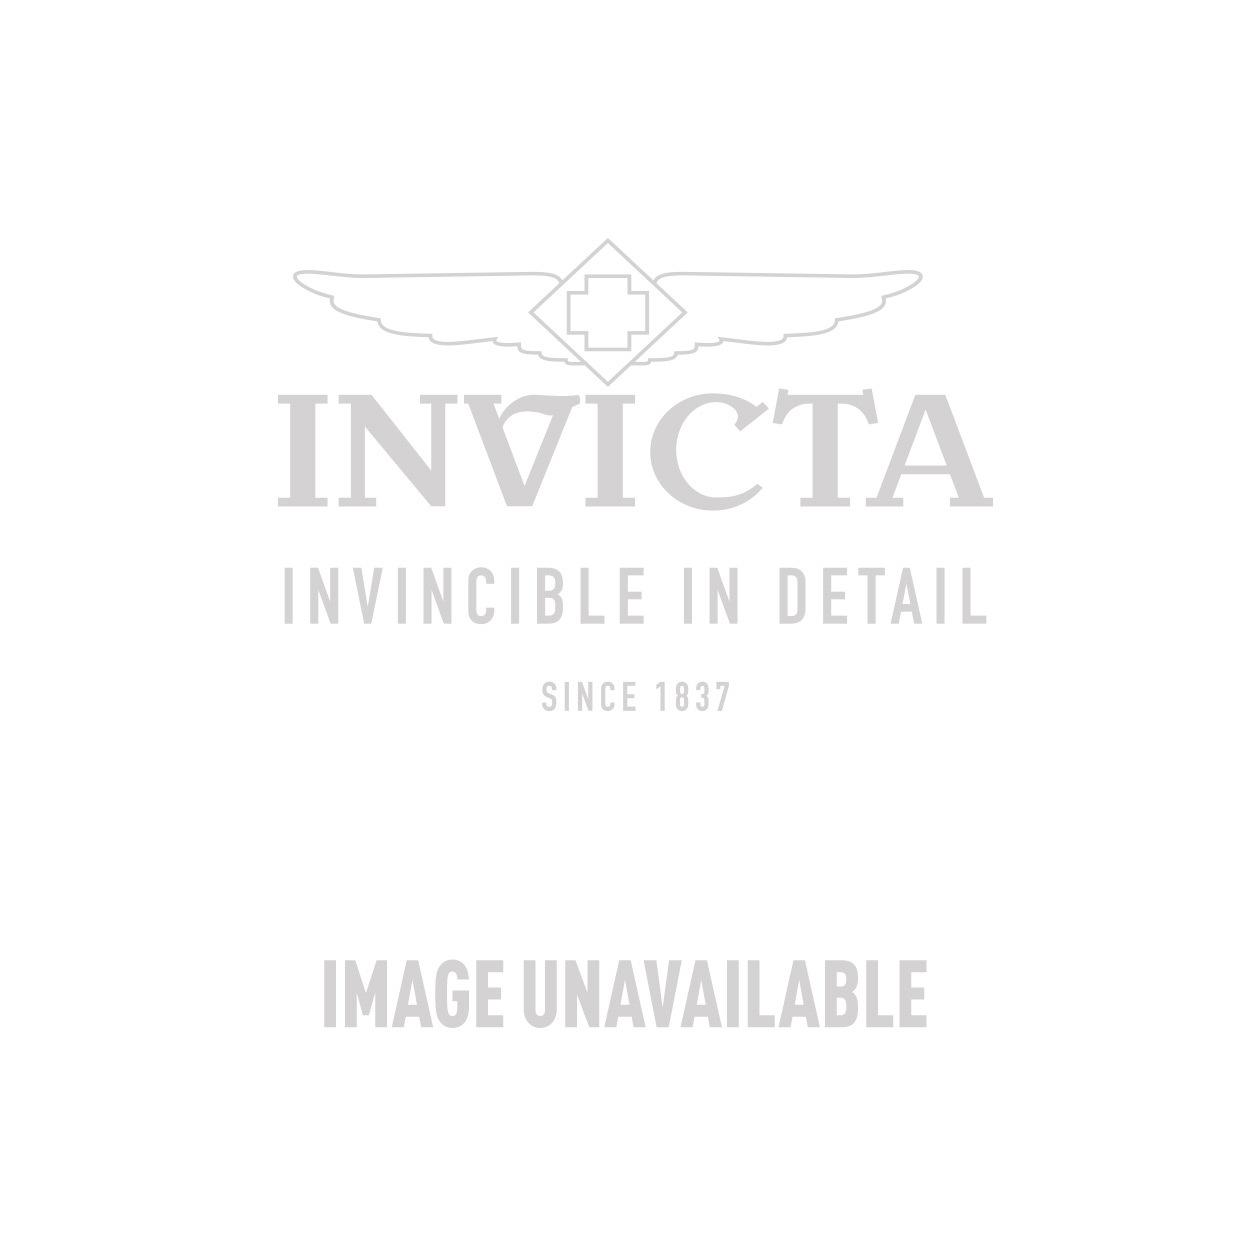 Invicta Model 25335